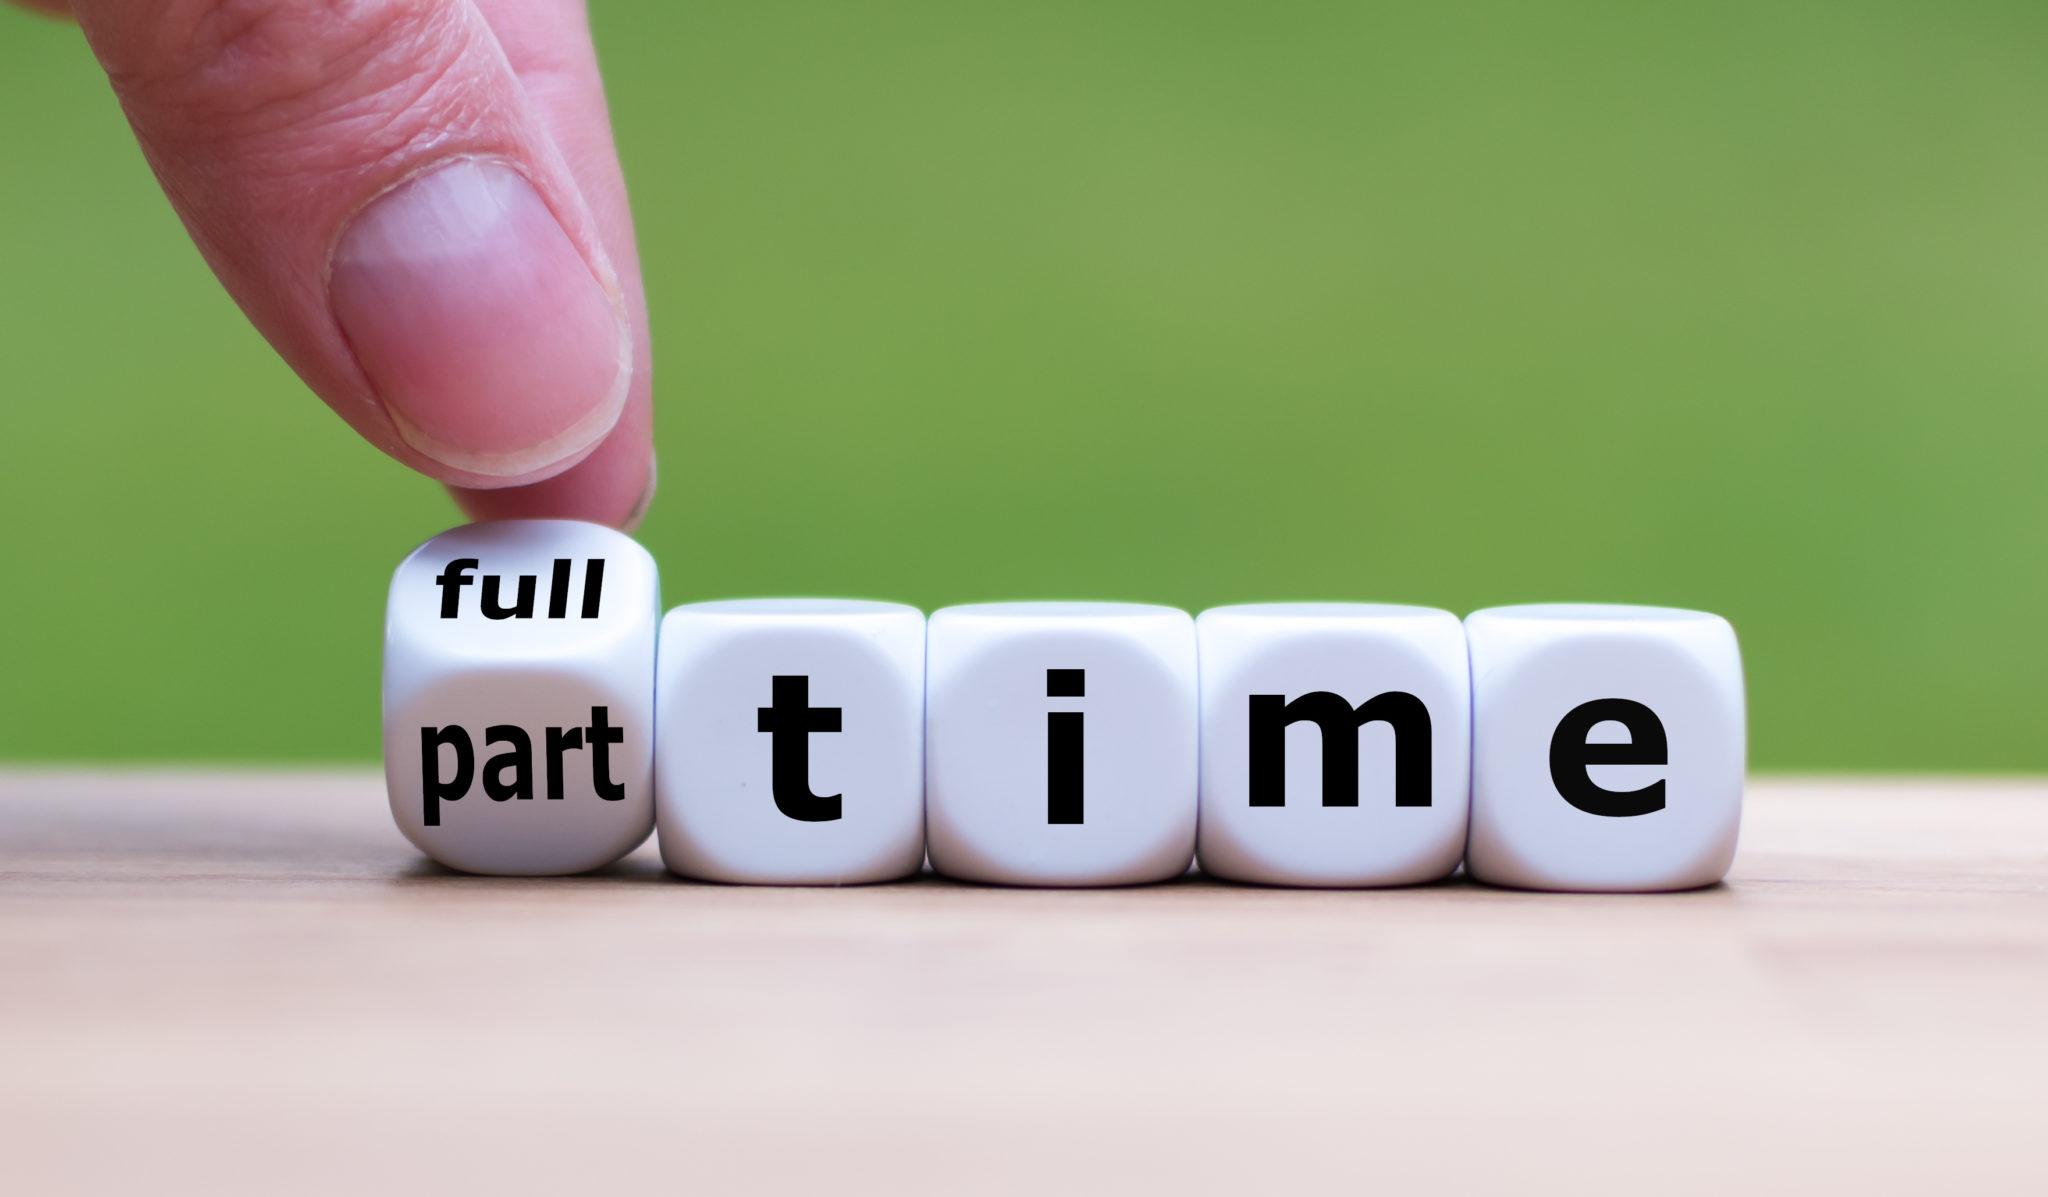 Part time job là gì? bạn cần chú ý gì?